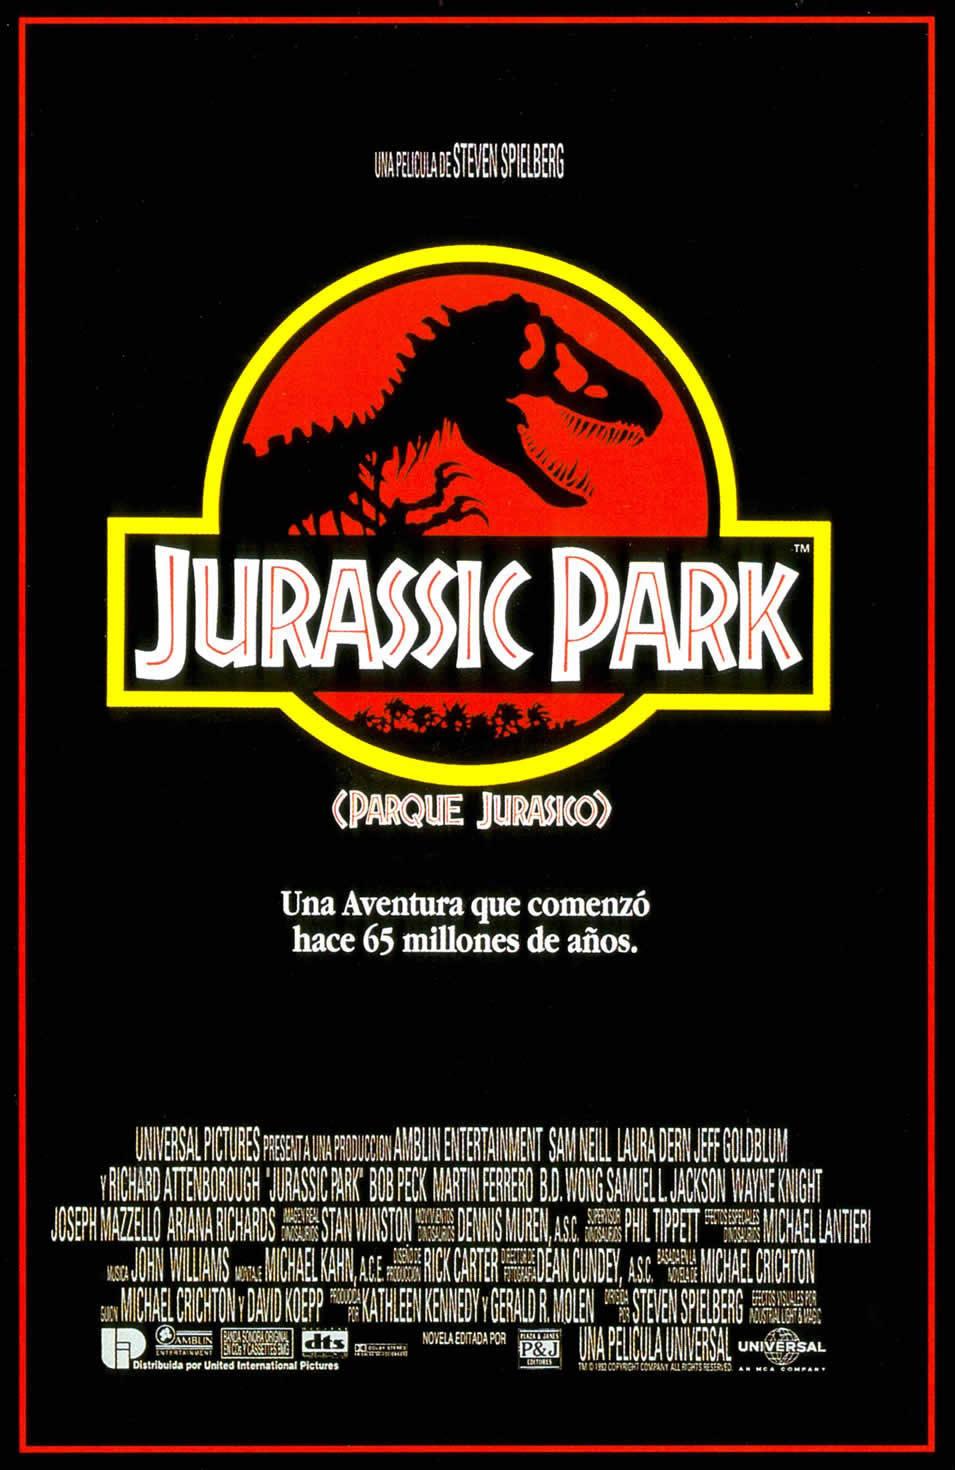 España poster for Jurassic Park